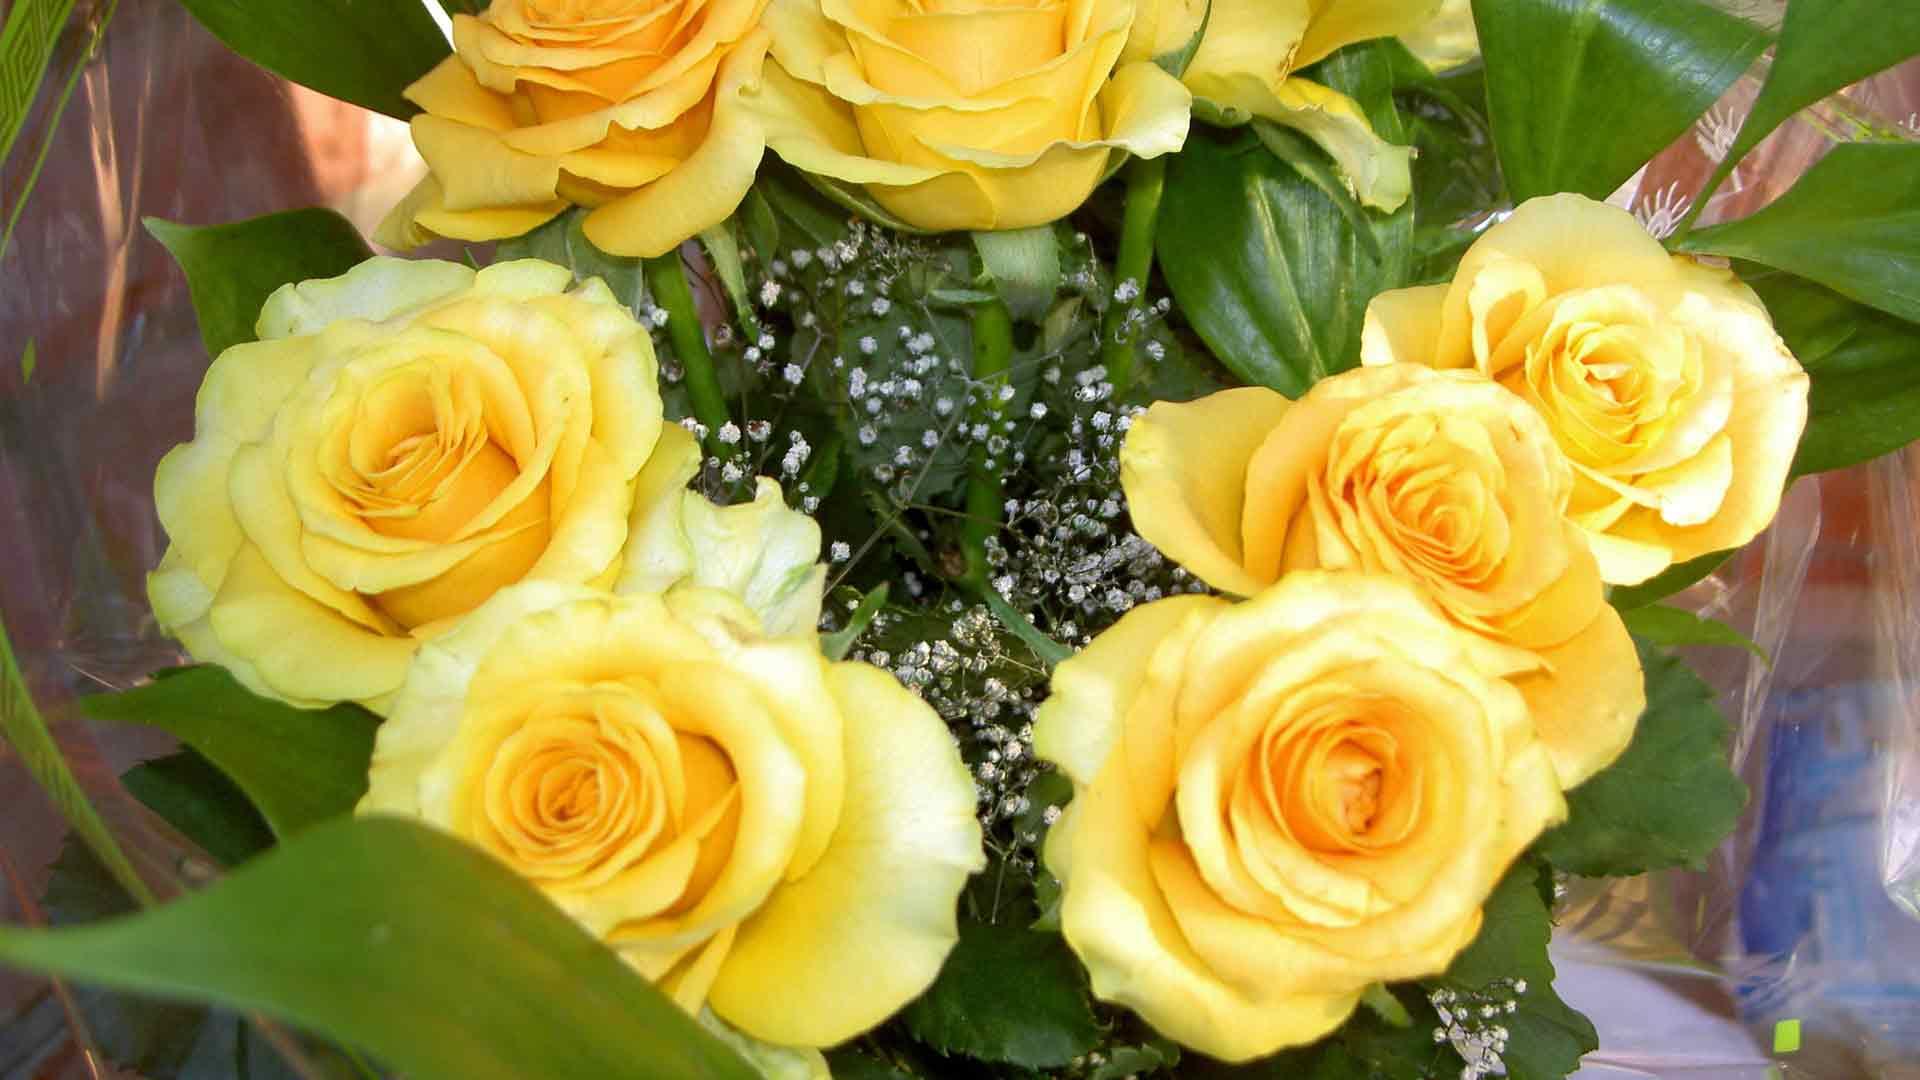 hình nền hoa hồng sinh nhật